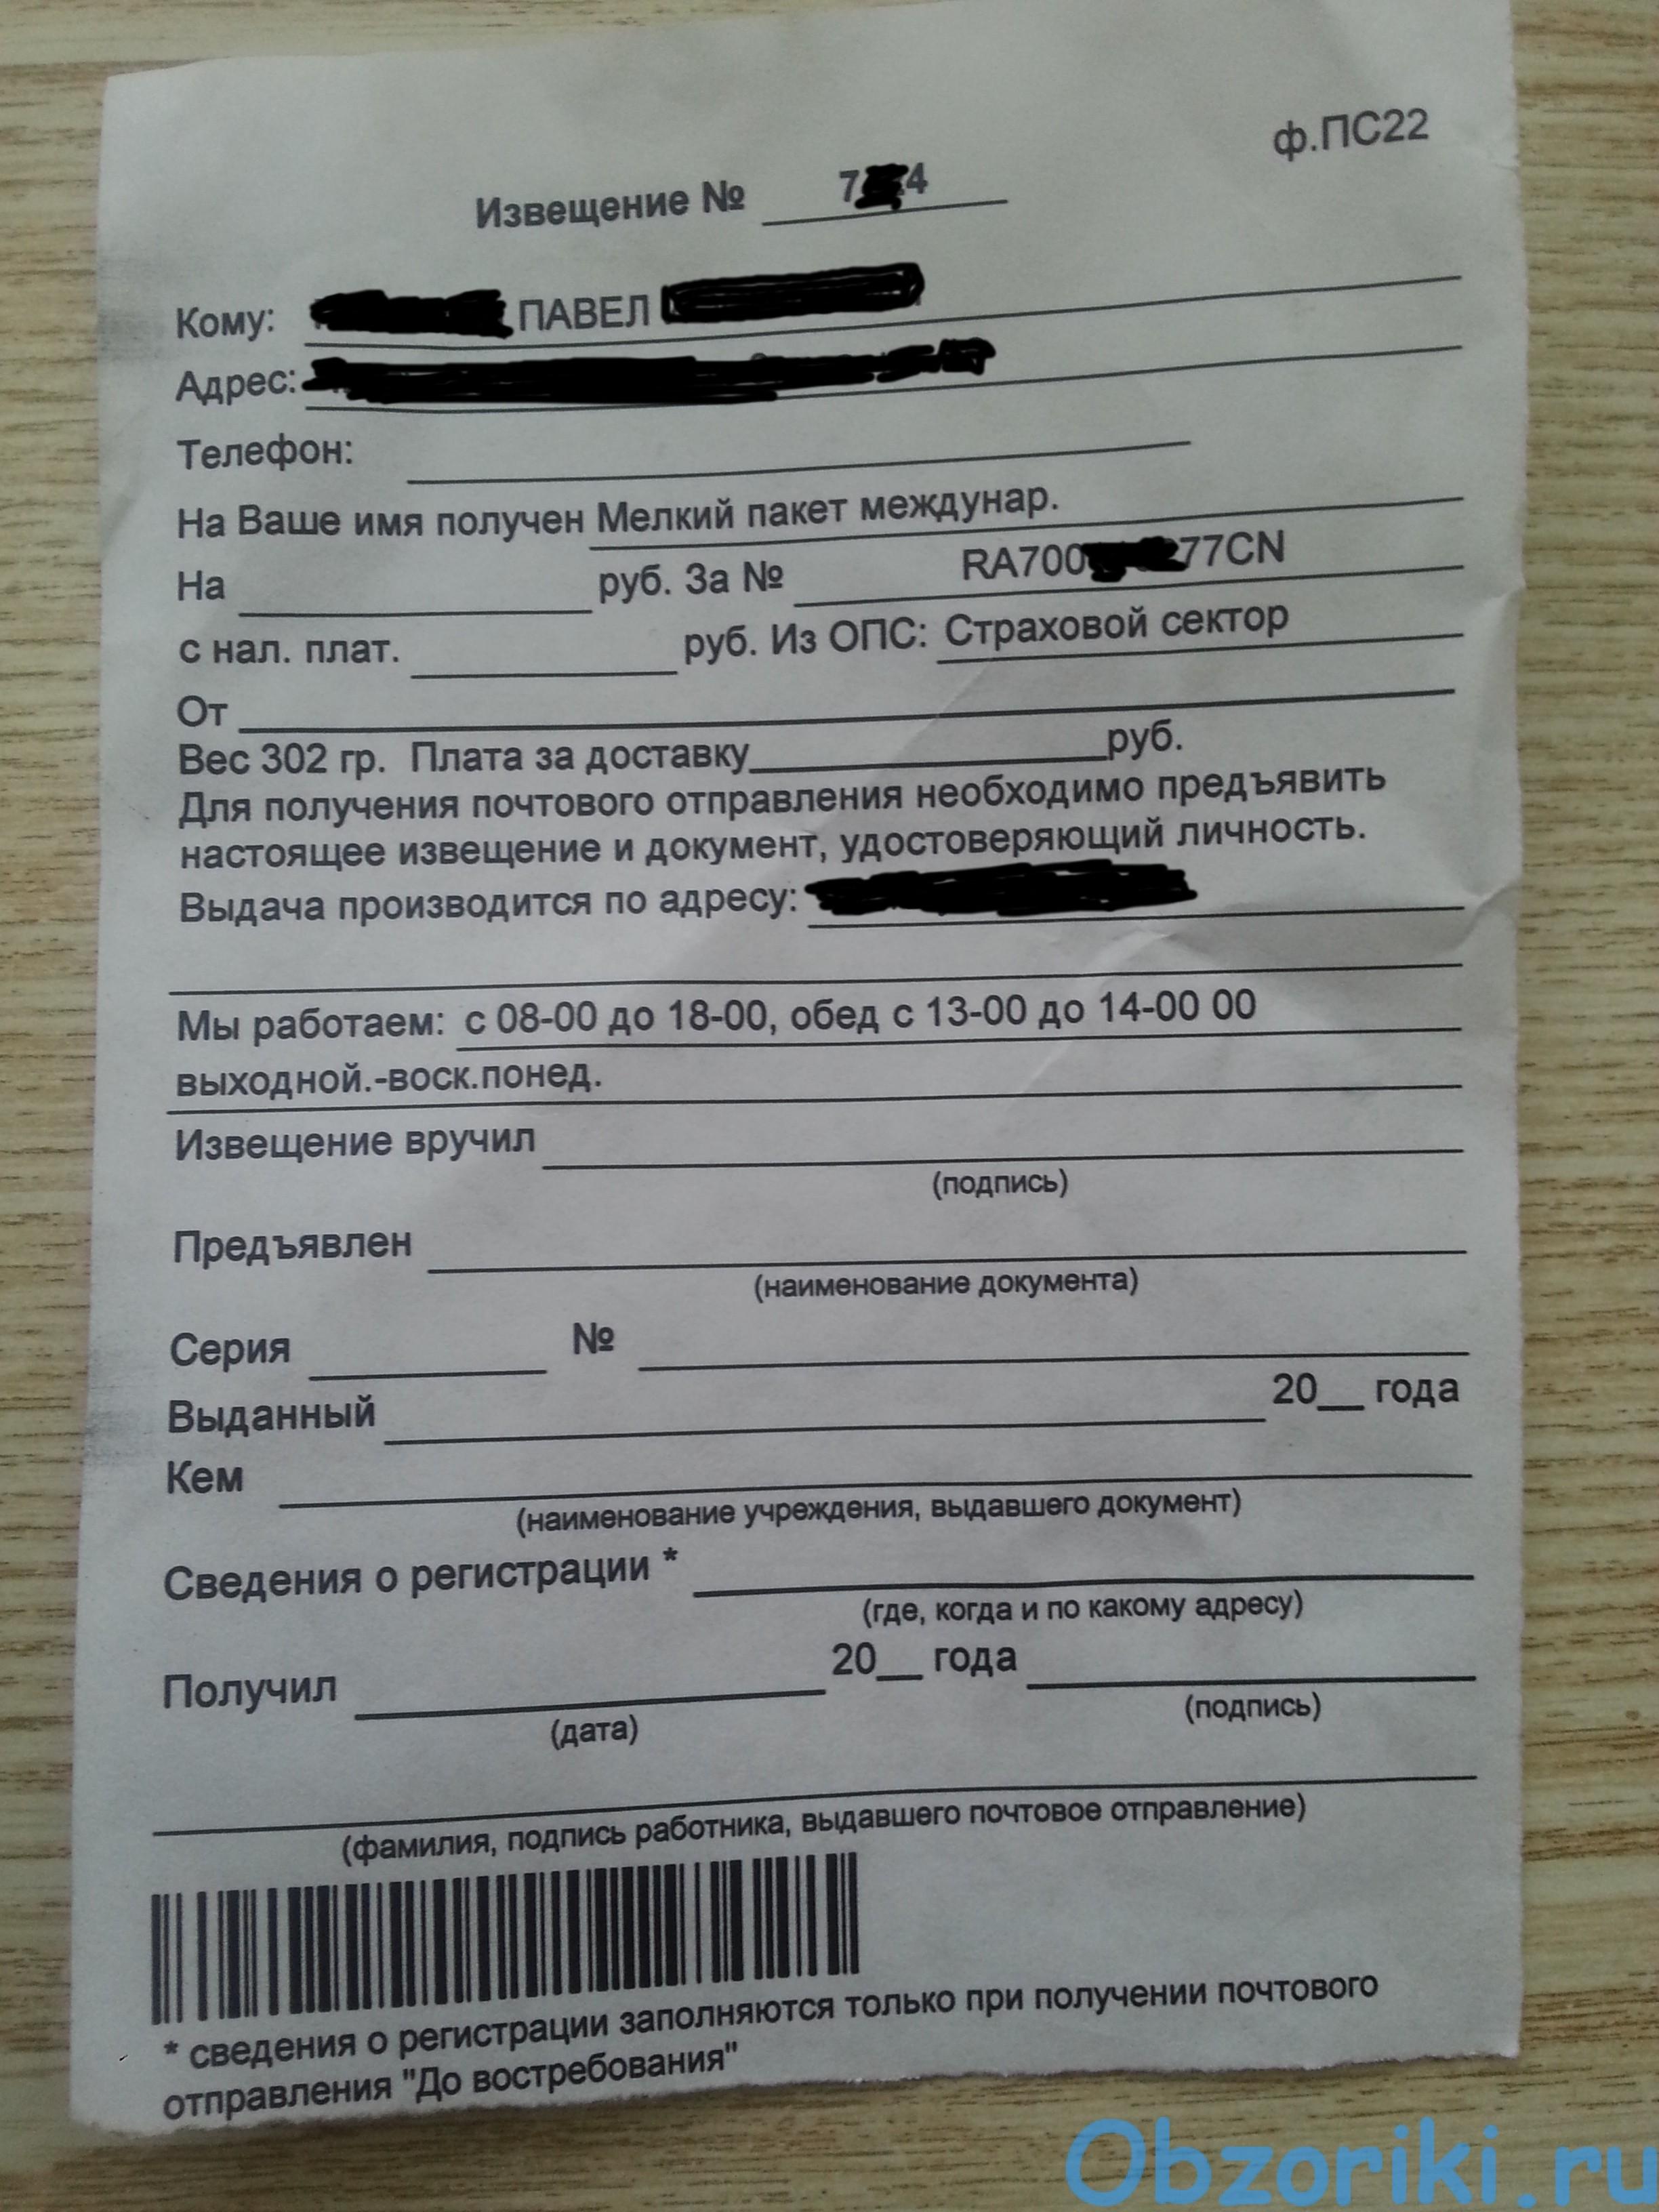 belpost_parcels_1